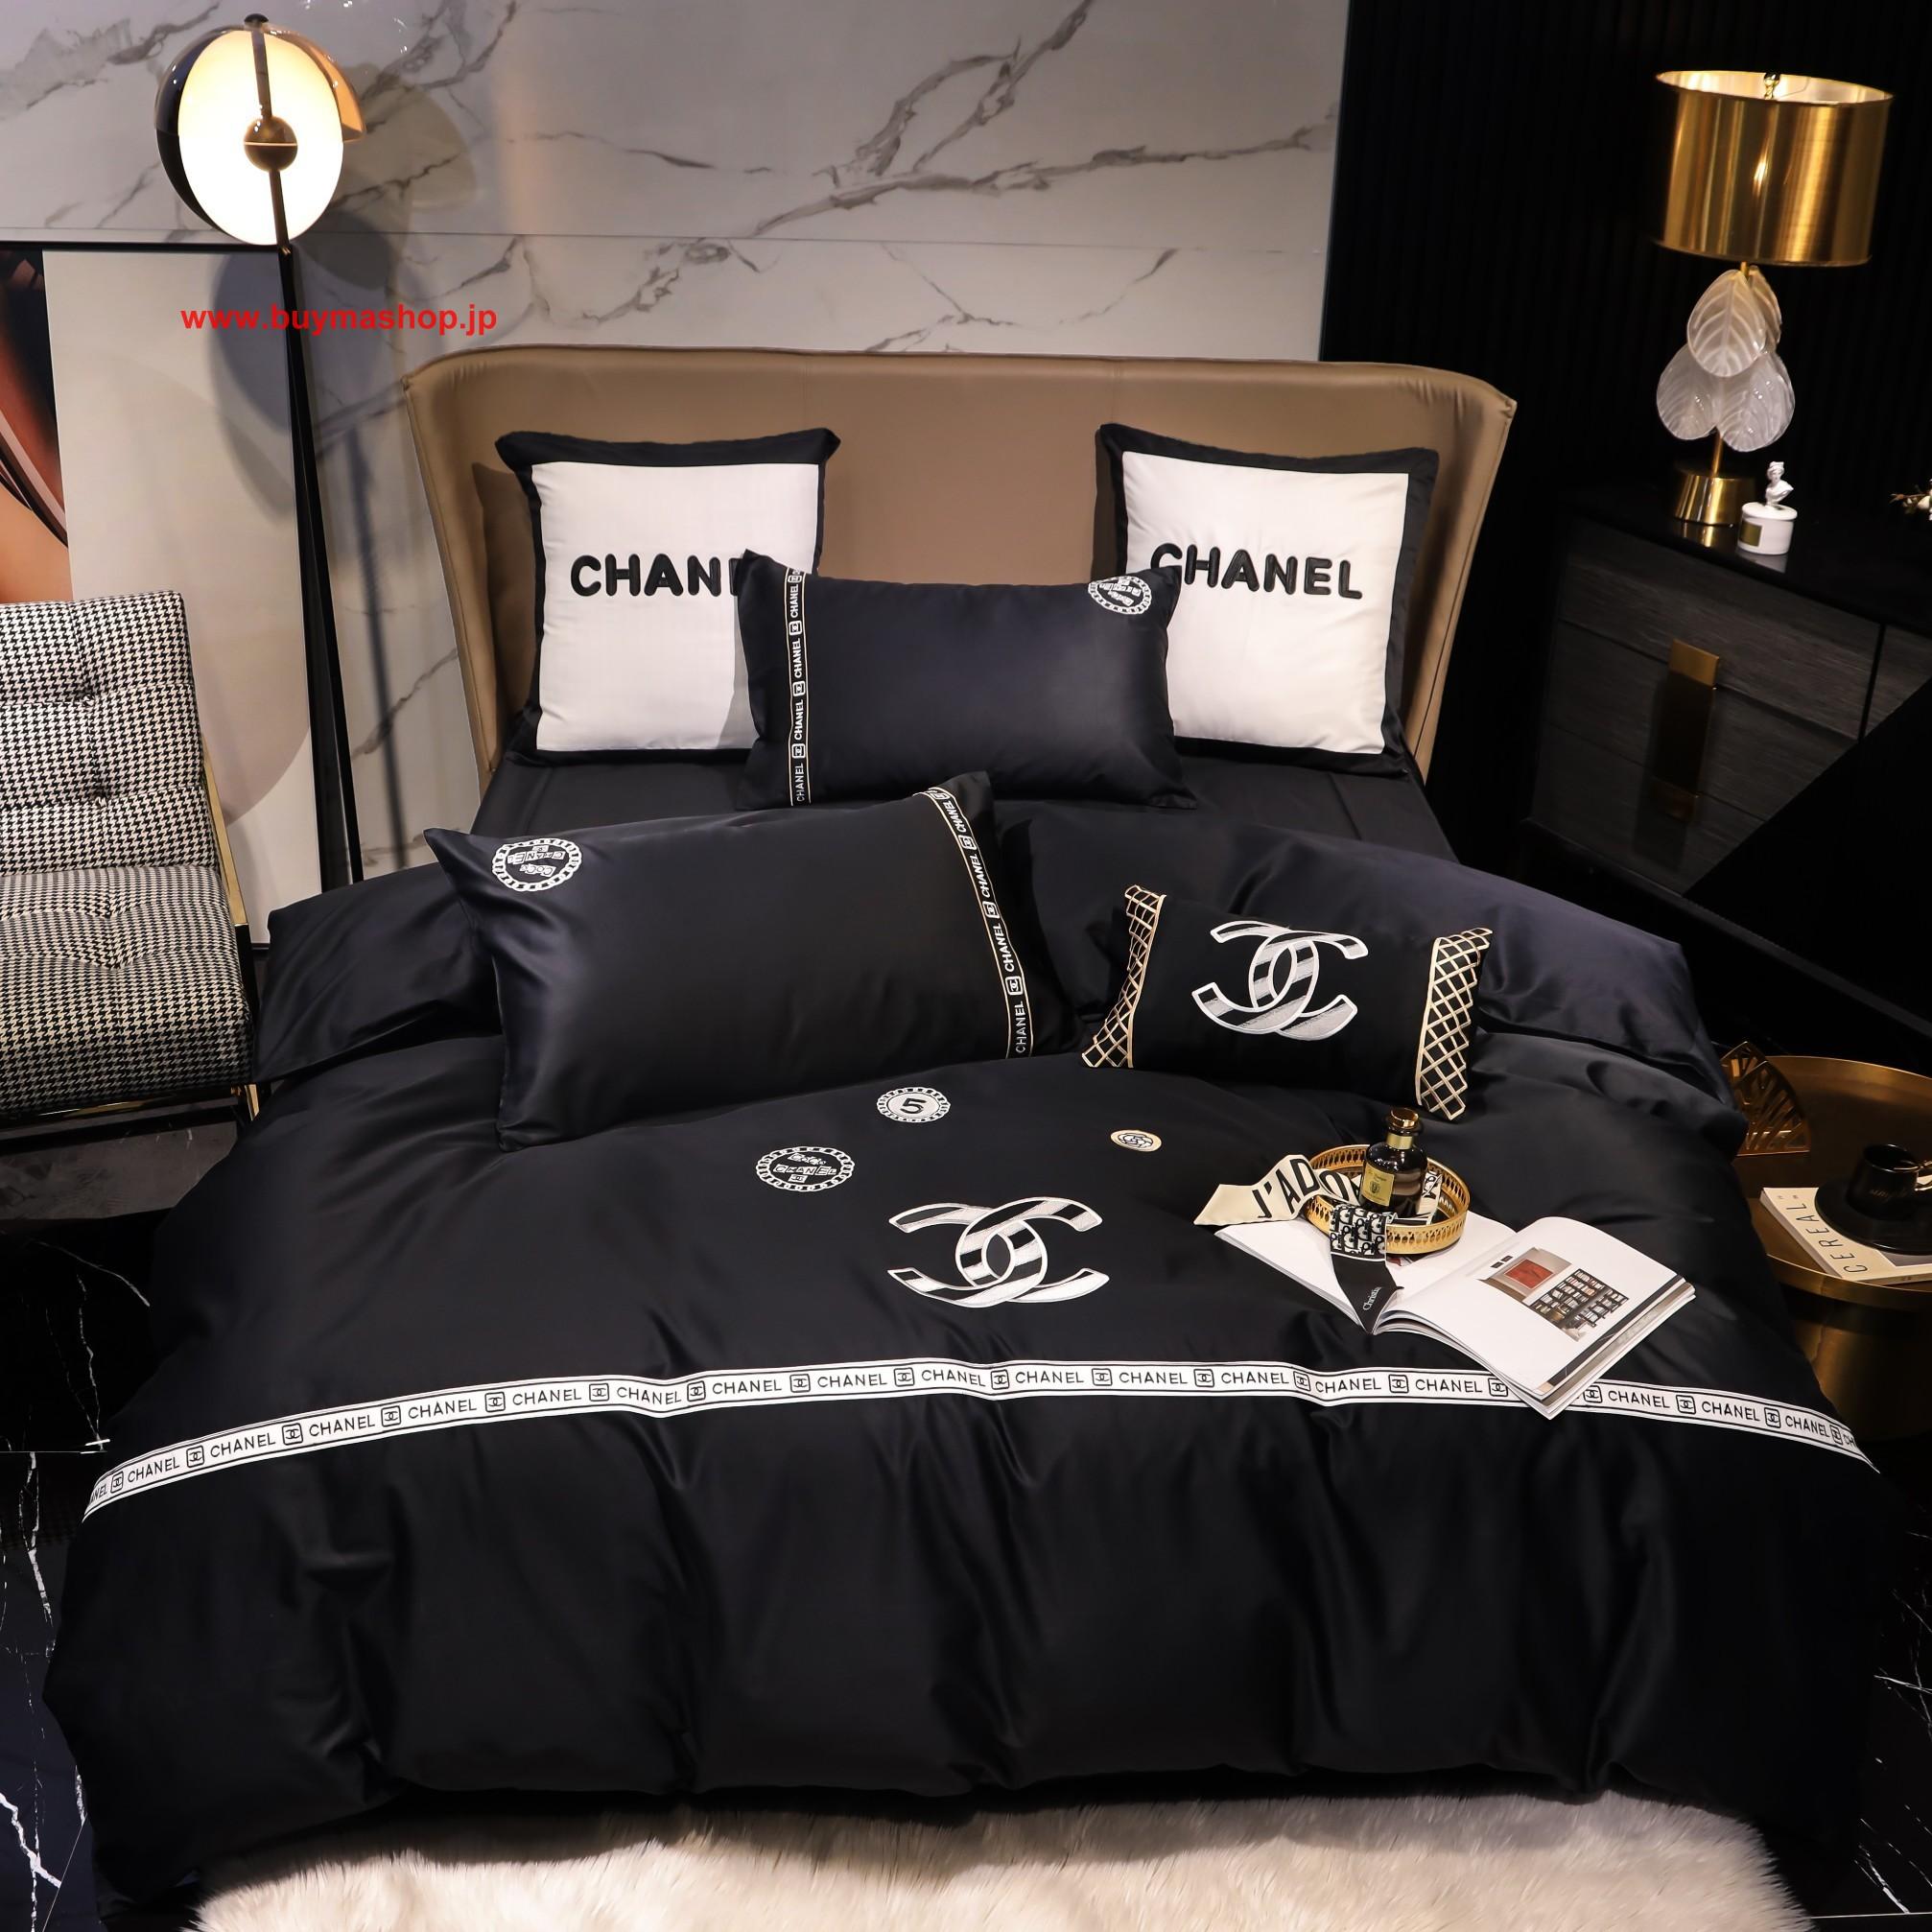 秋冬绒品Chanel シャネル寝具 ブランド 寝具 しまむら マットレス 値段 和室 布団 マットレス シーツ しまむら 高級でおしゃれなブランド寝具布団カバー、ベッドシーツ、枕カバー4点セット